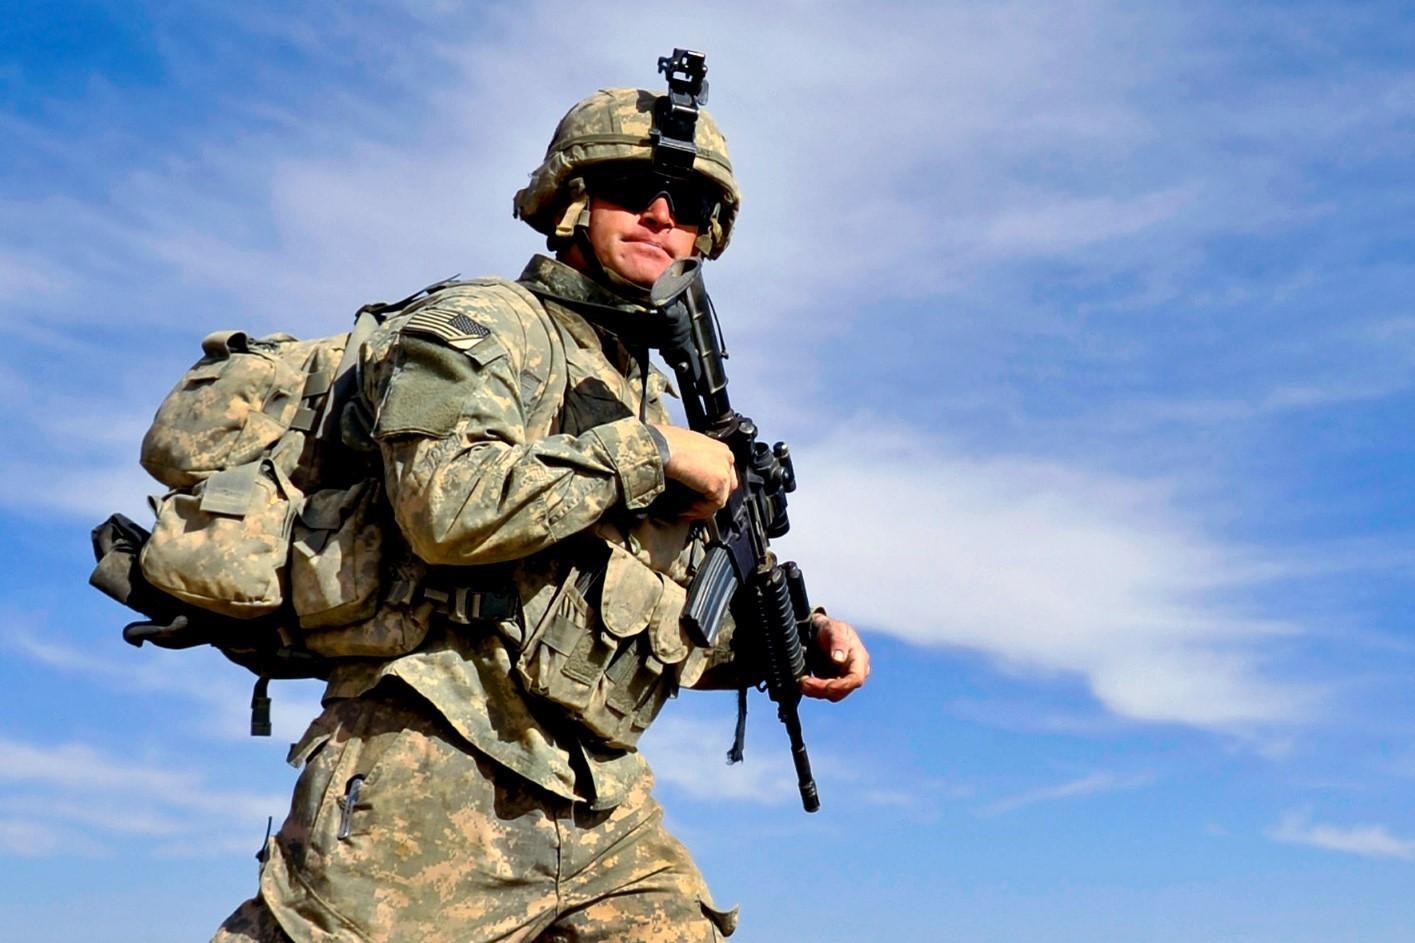 Армия США разворачивает систему персональной разведки с использованием дронов, оснащенных ИК-системой FLIR Systems